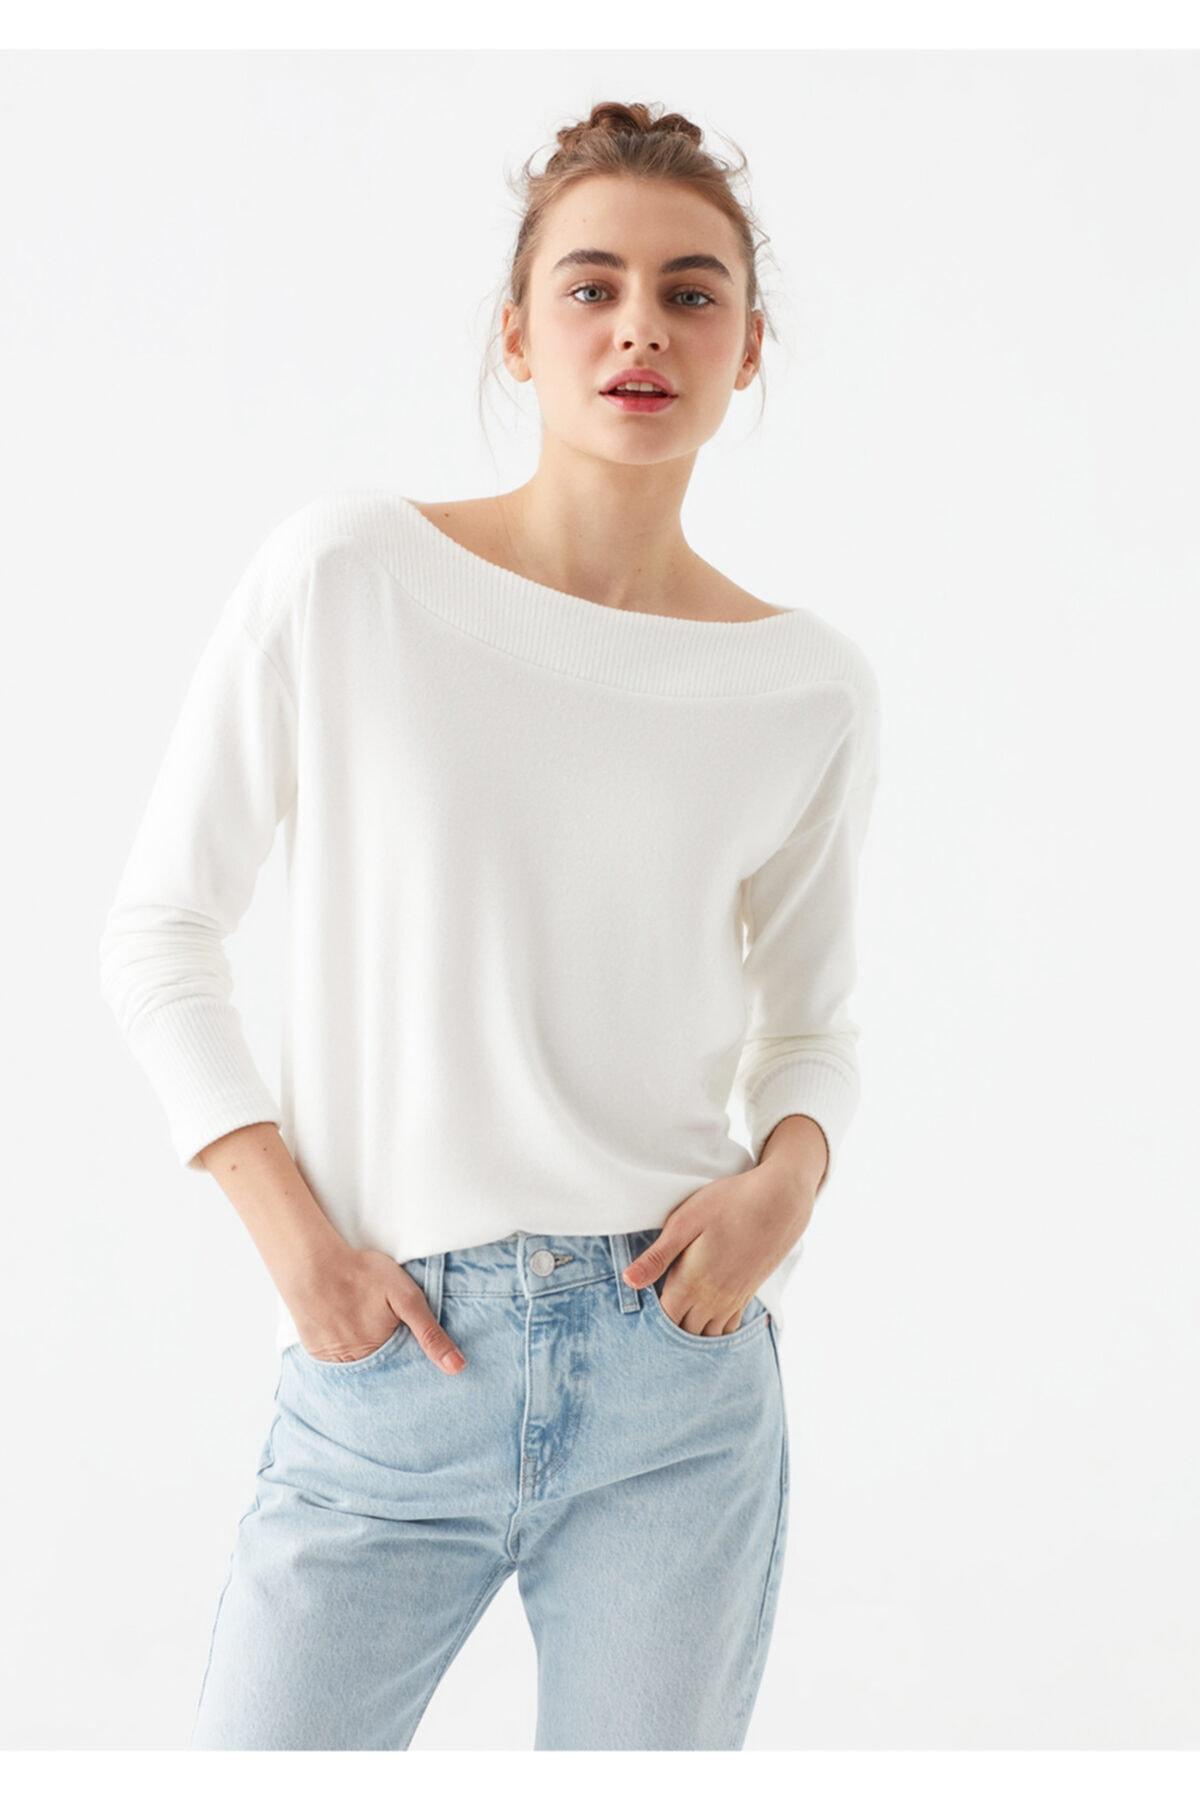 Mavi Kadın Yumuşak Dokulu Uzun Kollu Beyaz Tişört 1600573-33389 2